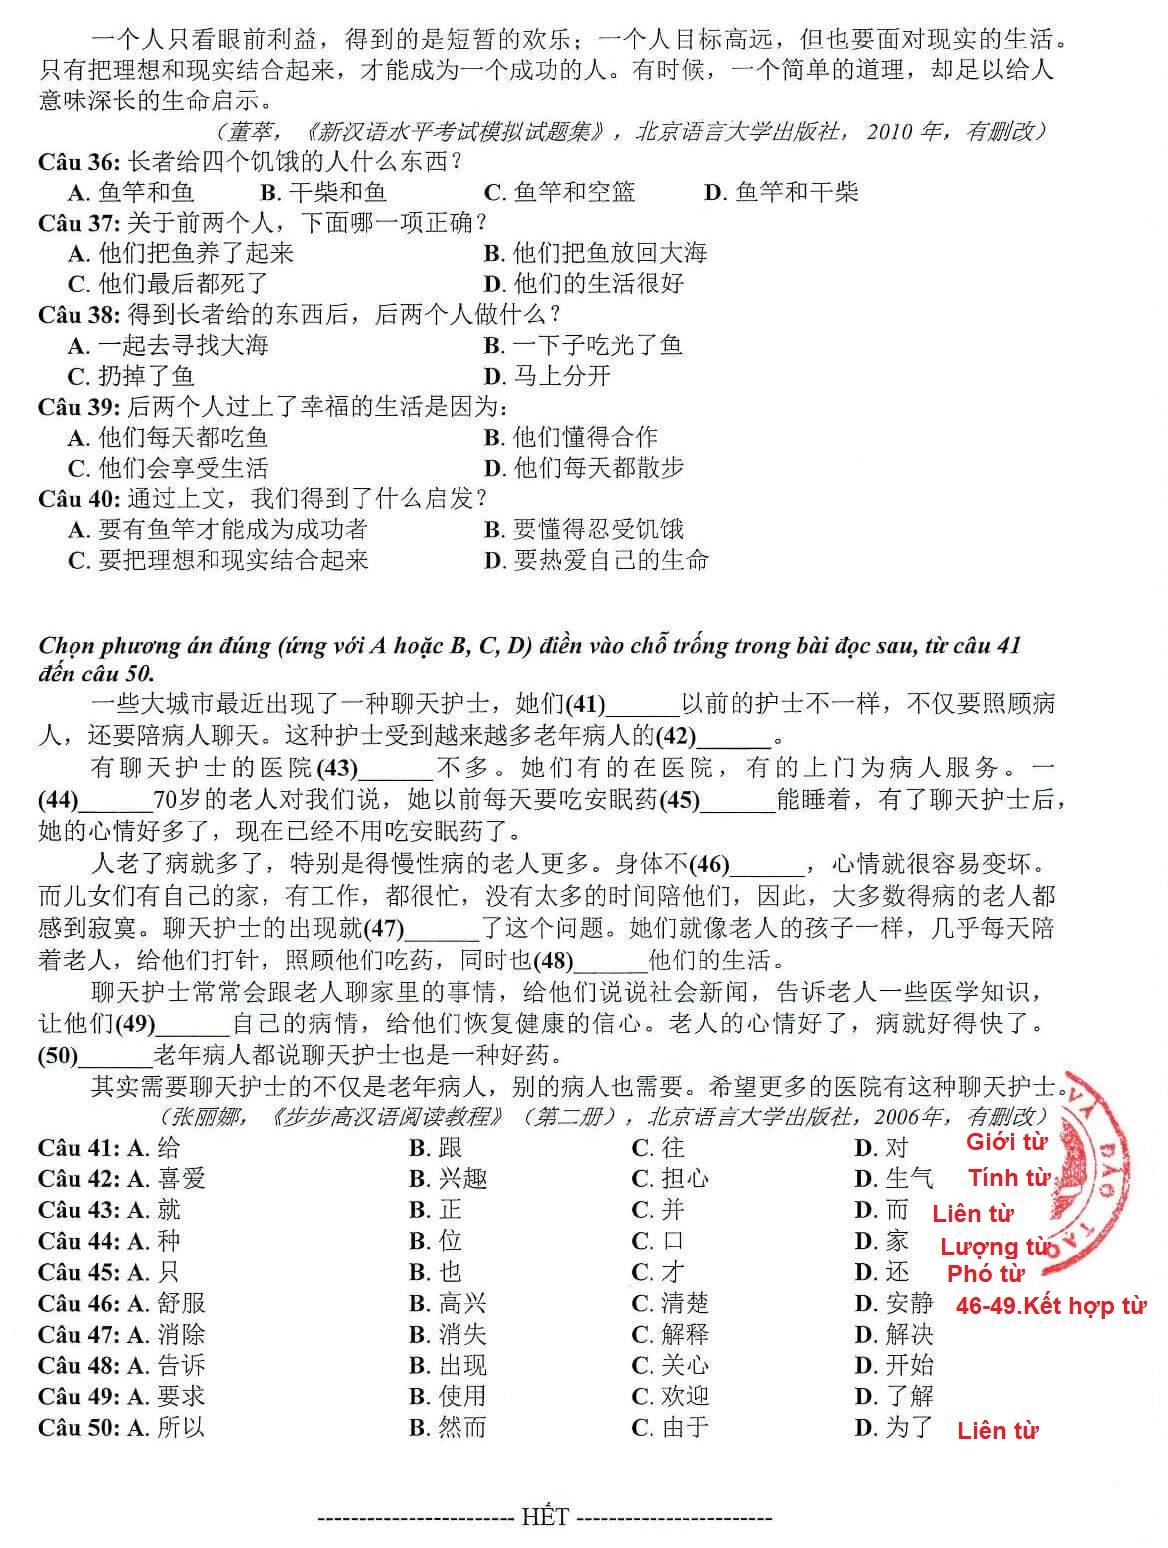 Hình ảnh Cấu trúc đề thi THPT Quốc gia môn tiếng Trung 3